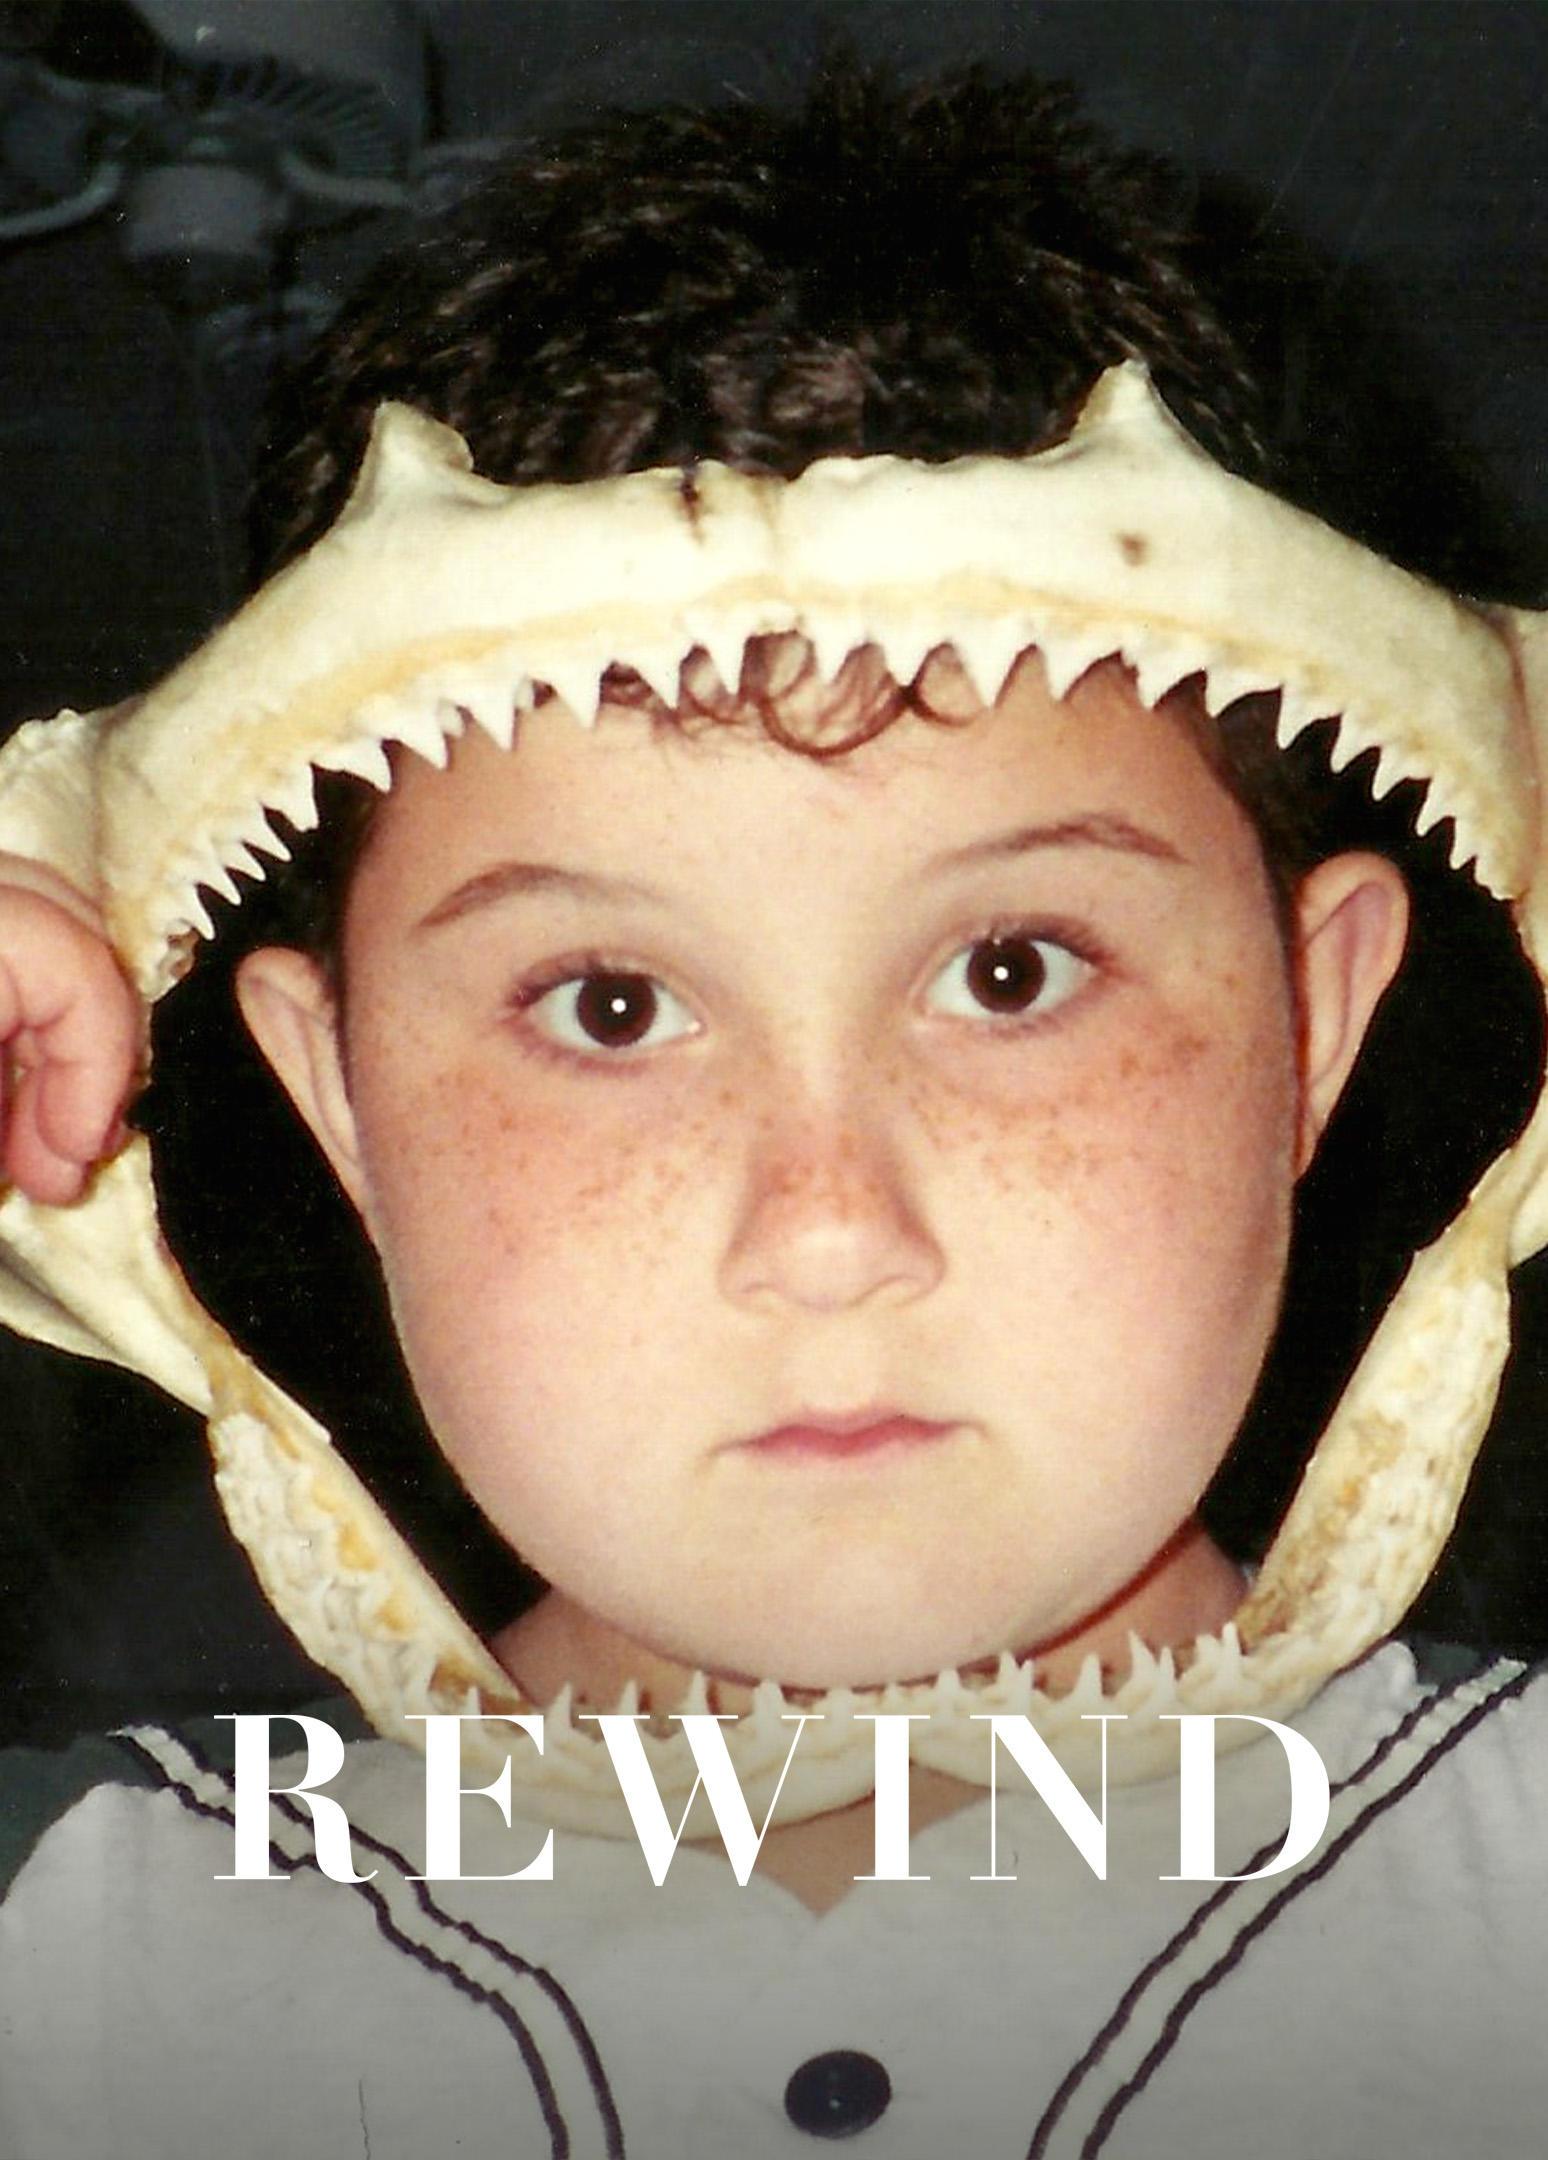 Rewind - Aufarbeitung eines Missbrauchs